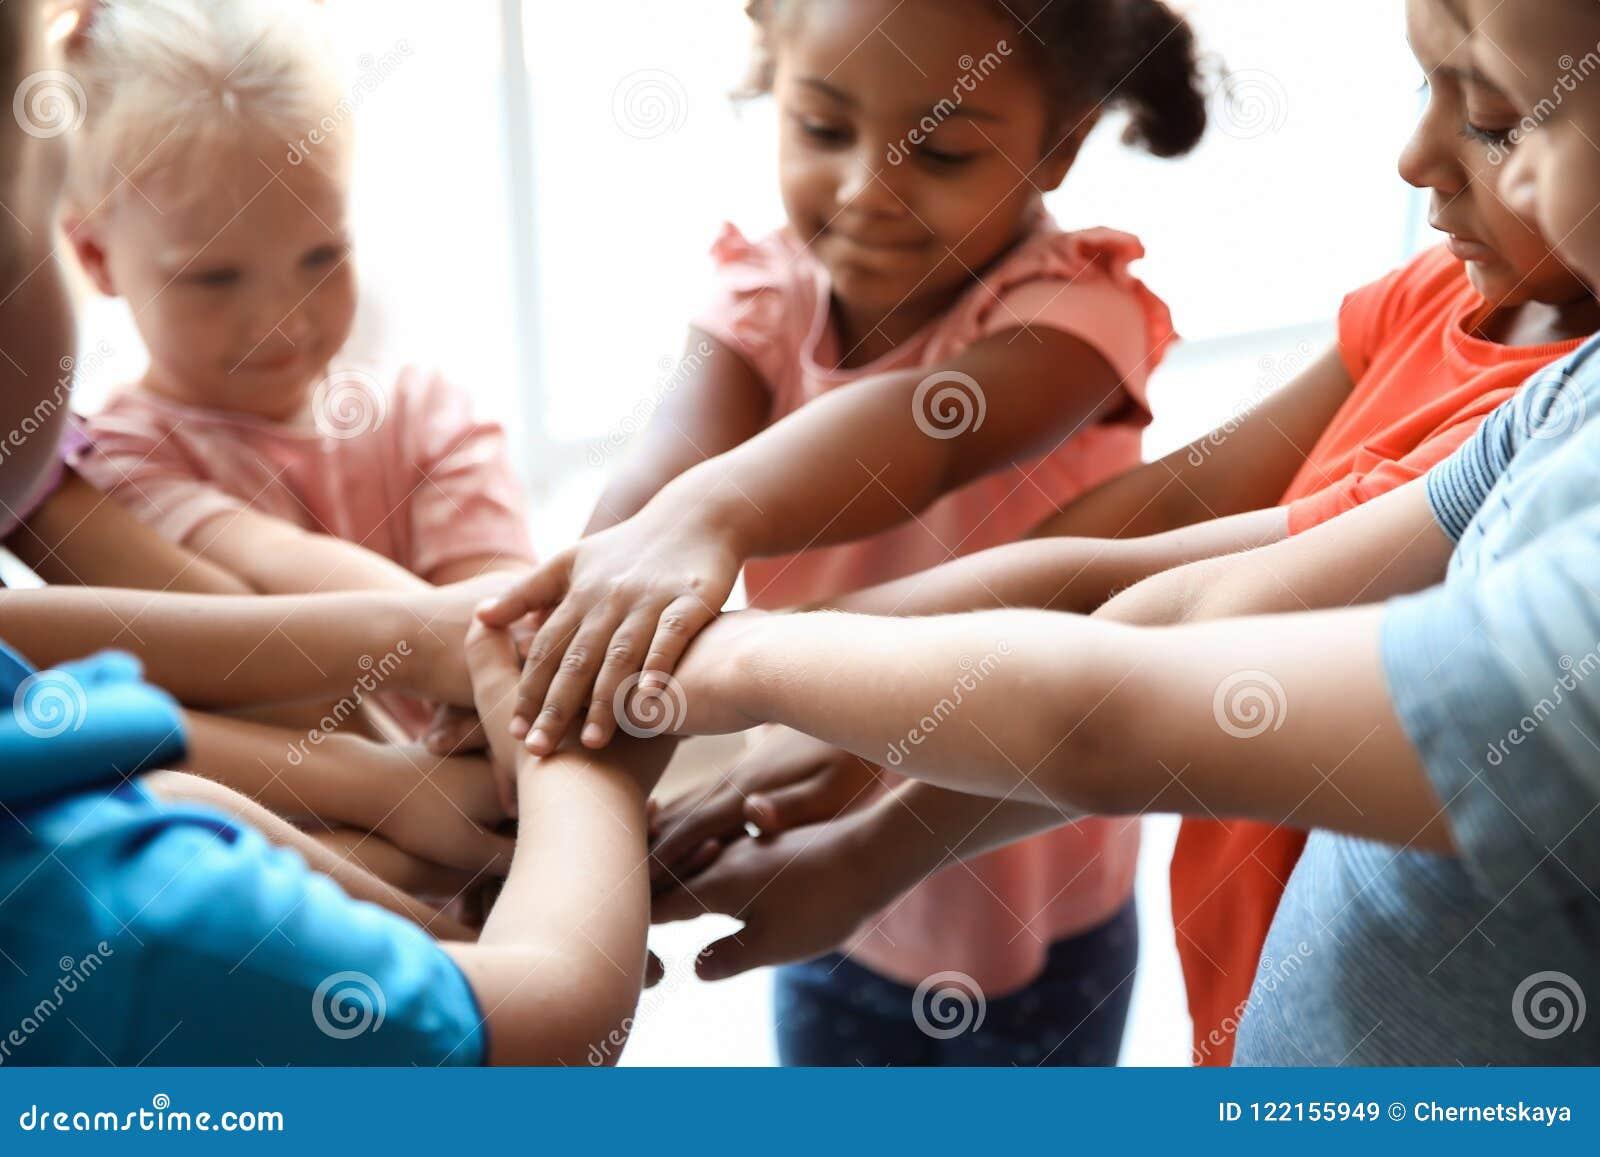 汇集他们的手的小孩,特写镜头